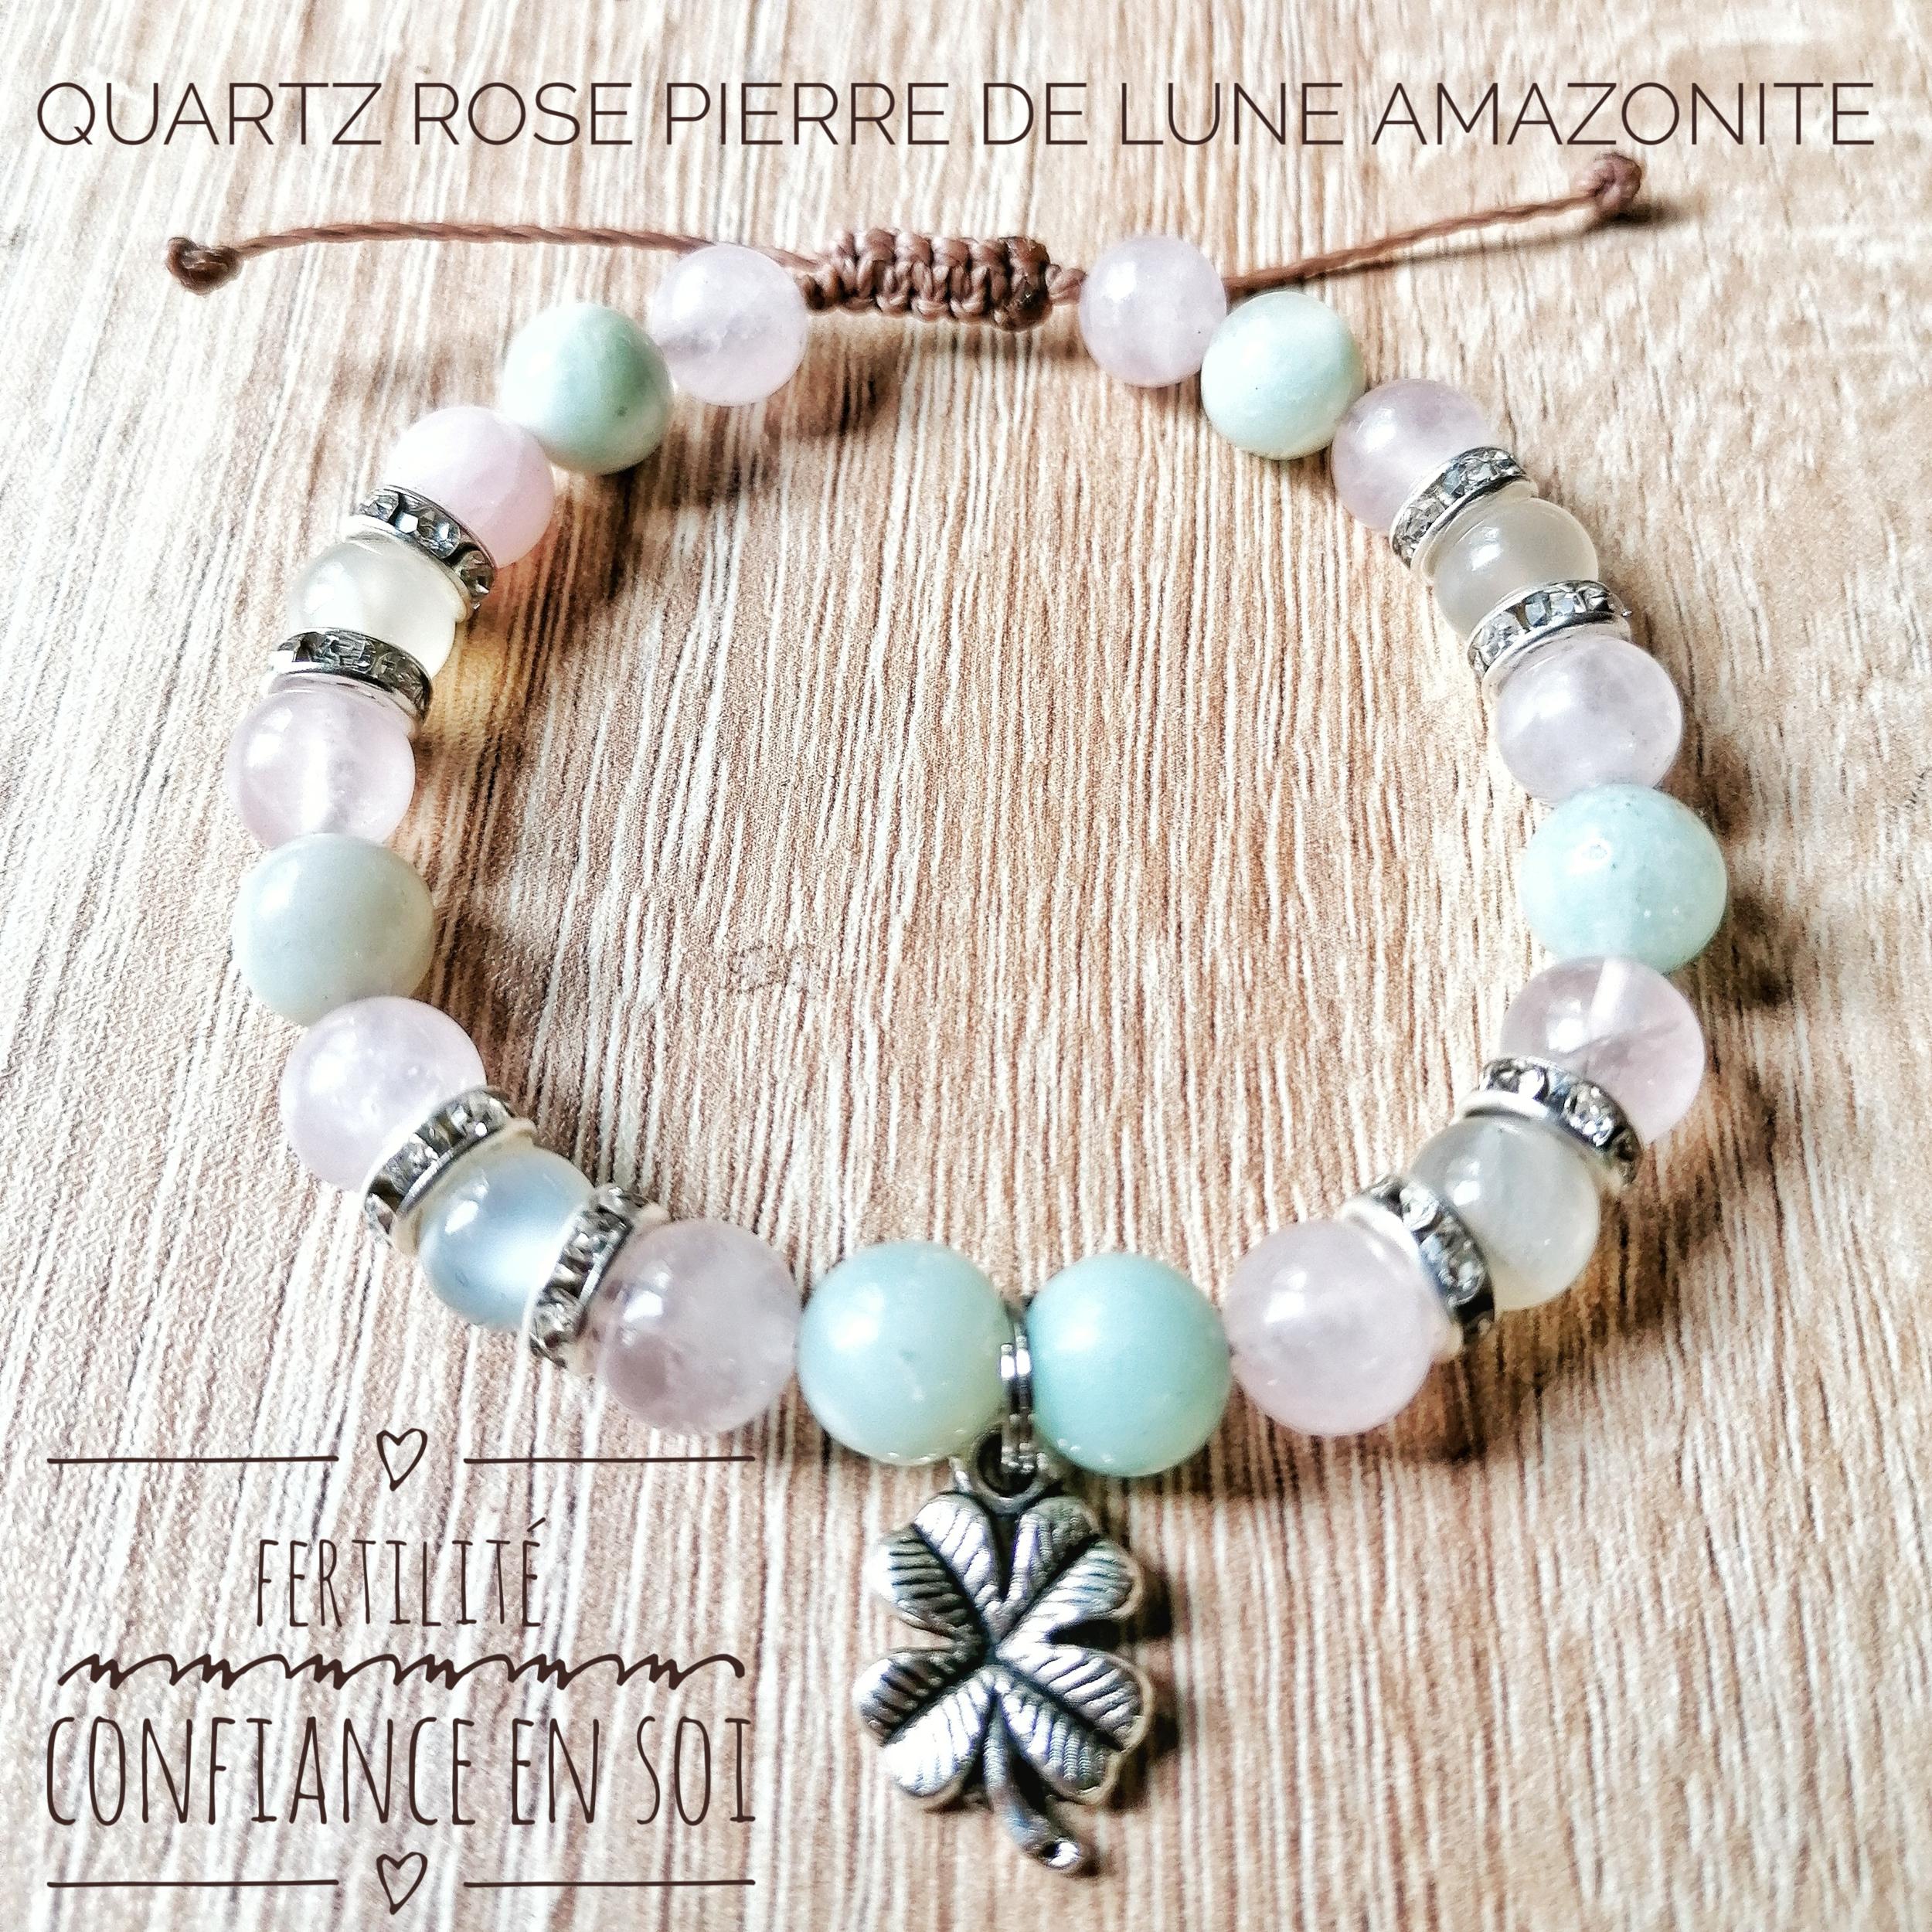 Bracelet fertilité & Confiance en soi Pierre de Lune, Quartz rose & Amazonite